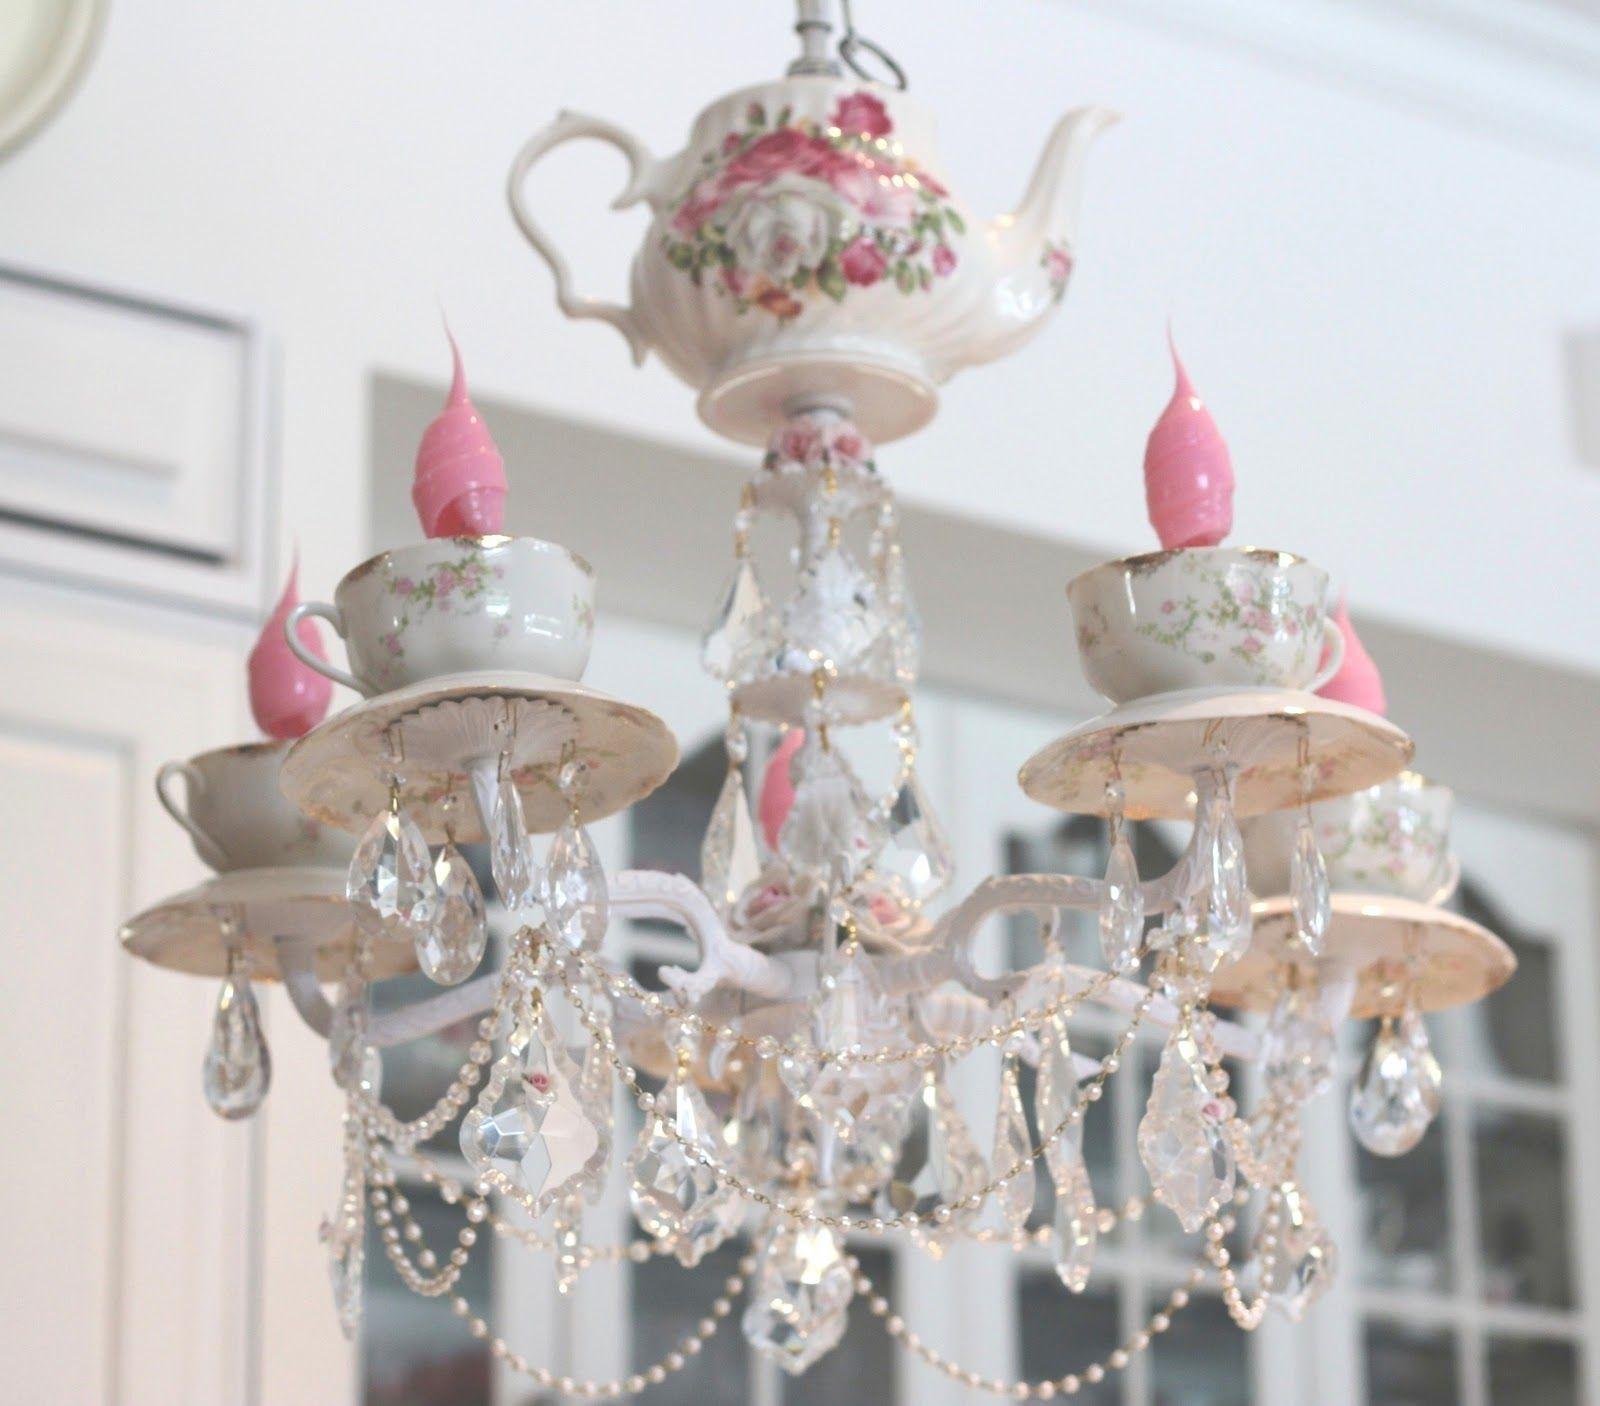 Shabbyfufu teacup chandelier palooza a giveaway creative ideas shabbyfufu teacup chandelier palooza a giveaway arubaitofo Choice Image